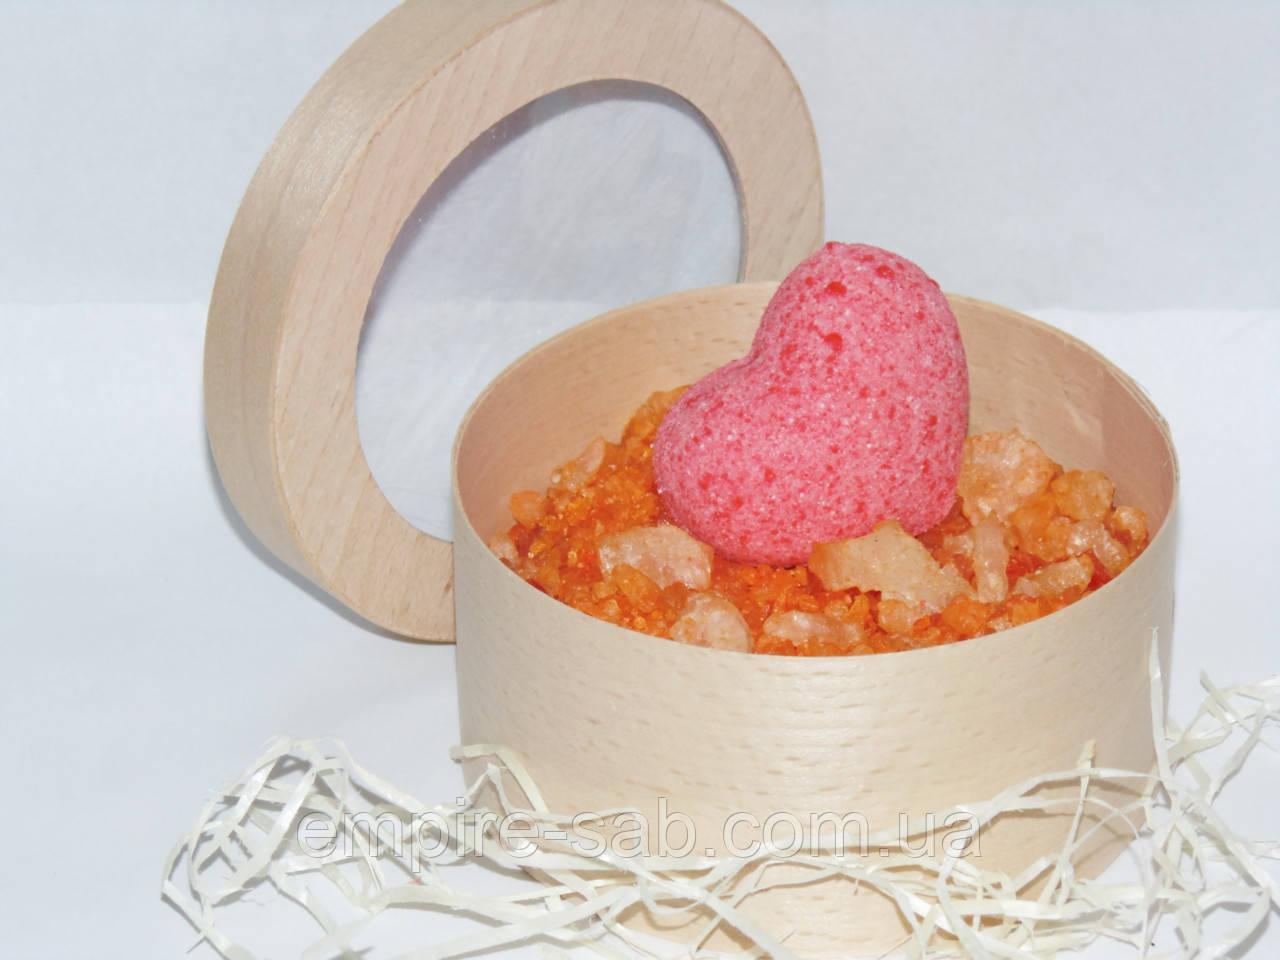 Подарочный набор СПА с маслом грейпфрута